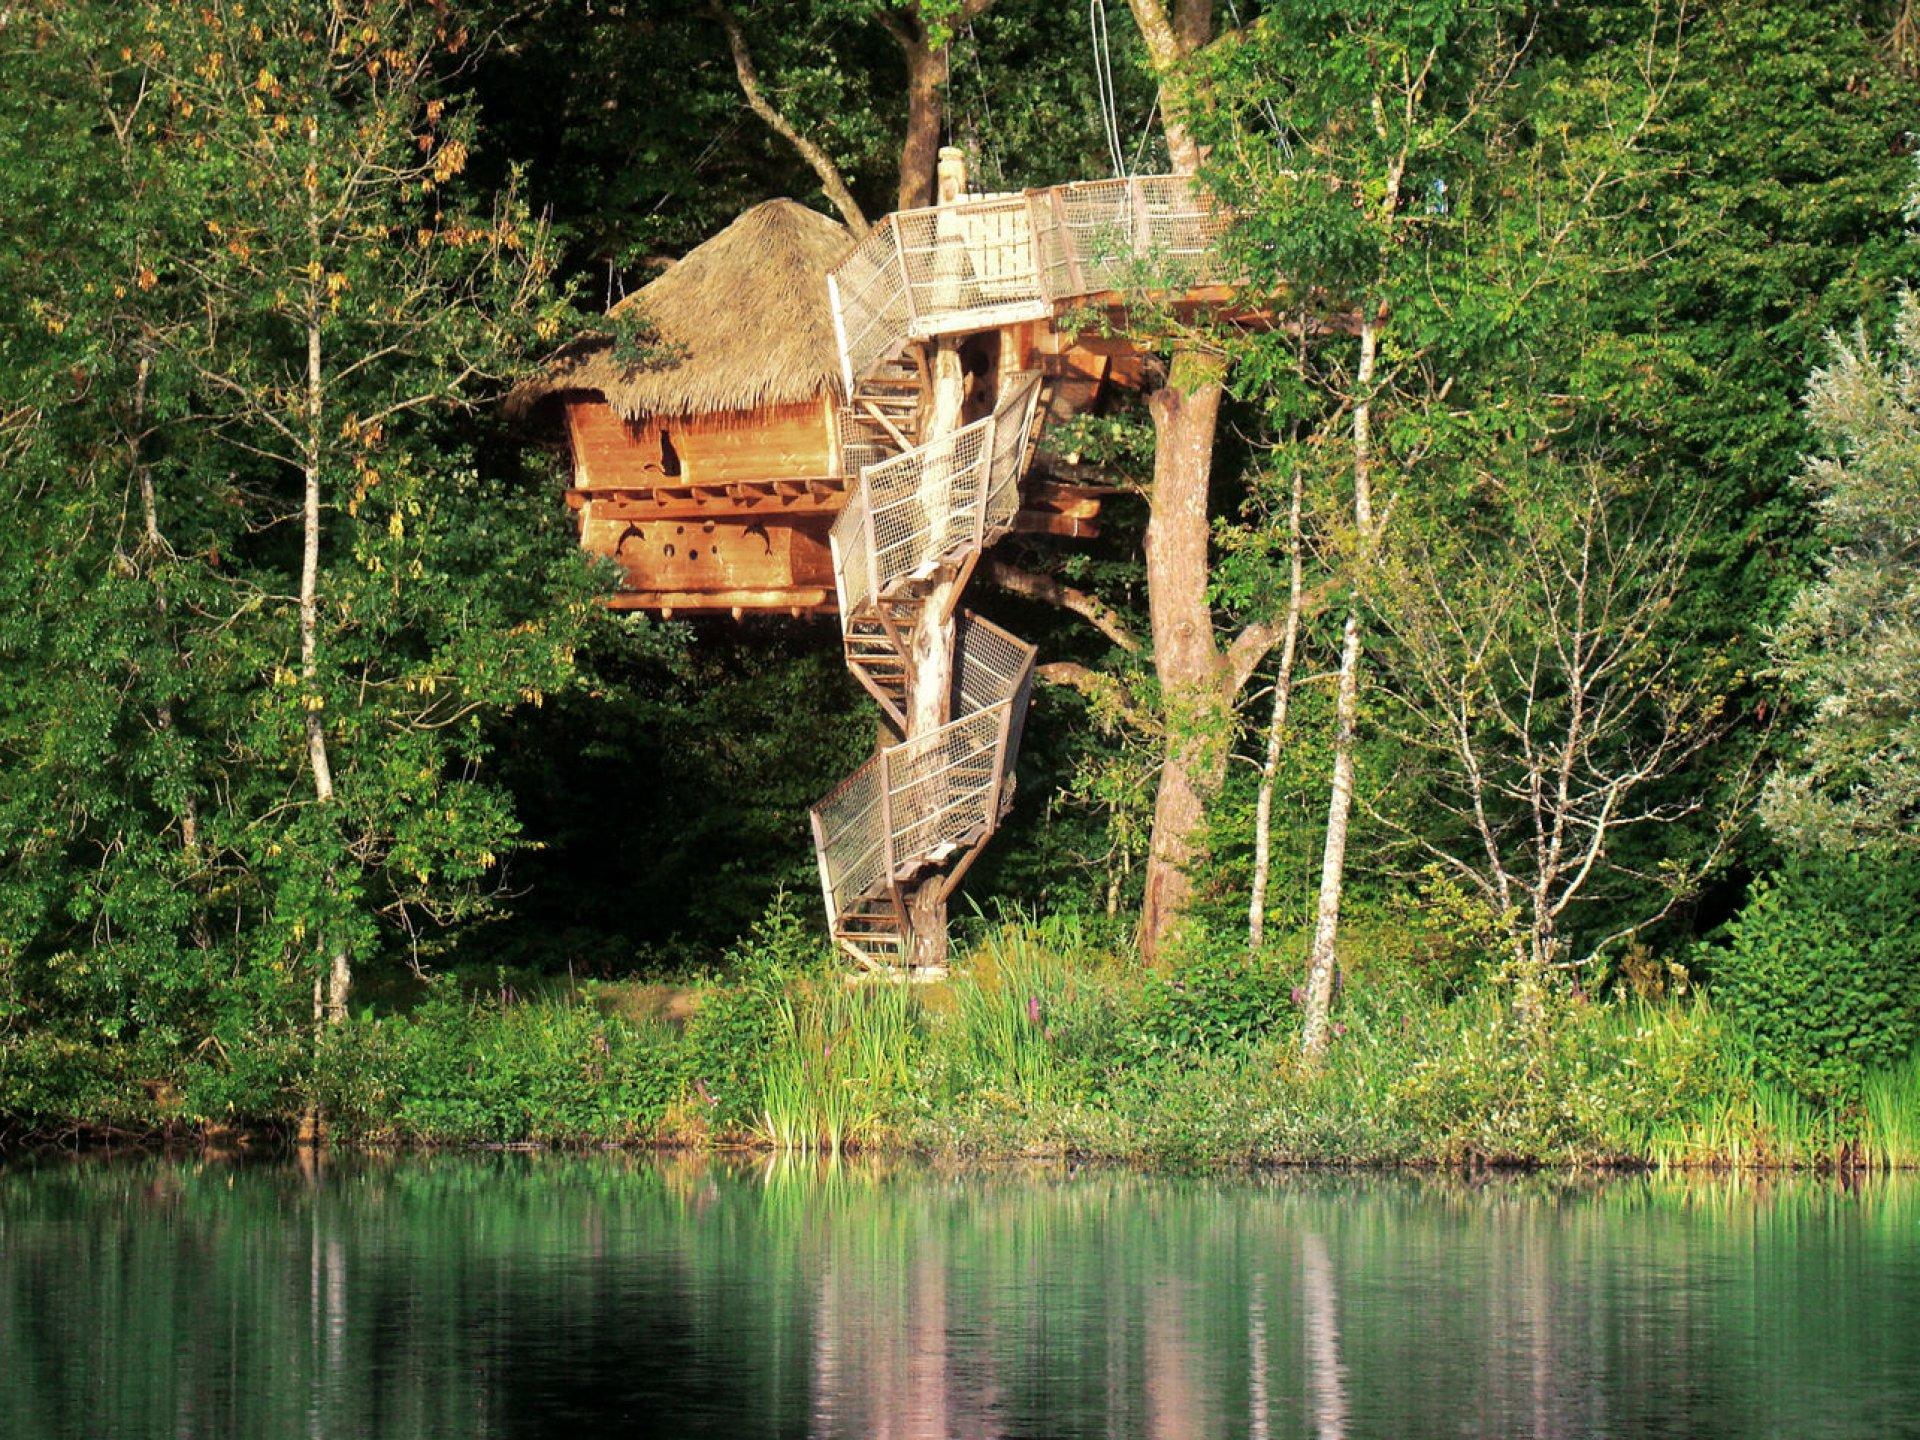 cabane familiale atlantide cabane dans les arbres franche comt bourgogne franche comt. Black Bedroom Furniture Sets. Home Design Ideas